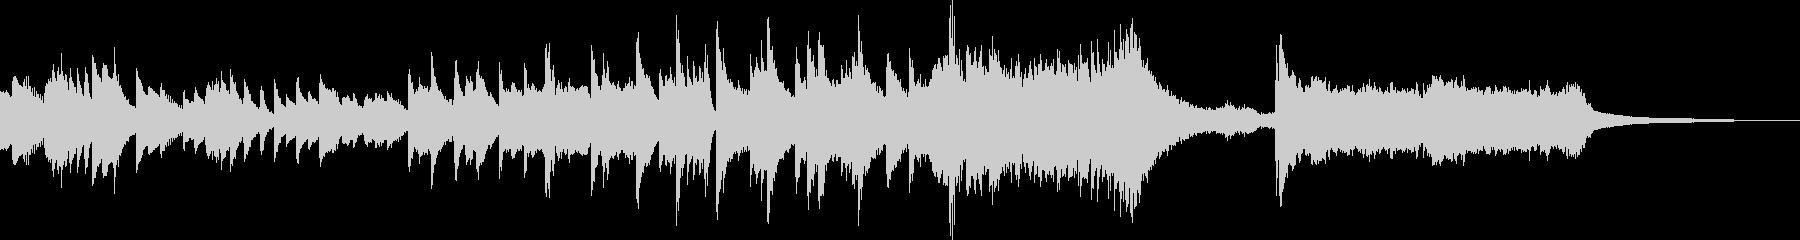 ピアノの印象的で感傷的なショートバラードの未再生の波形